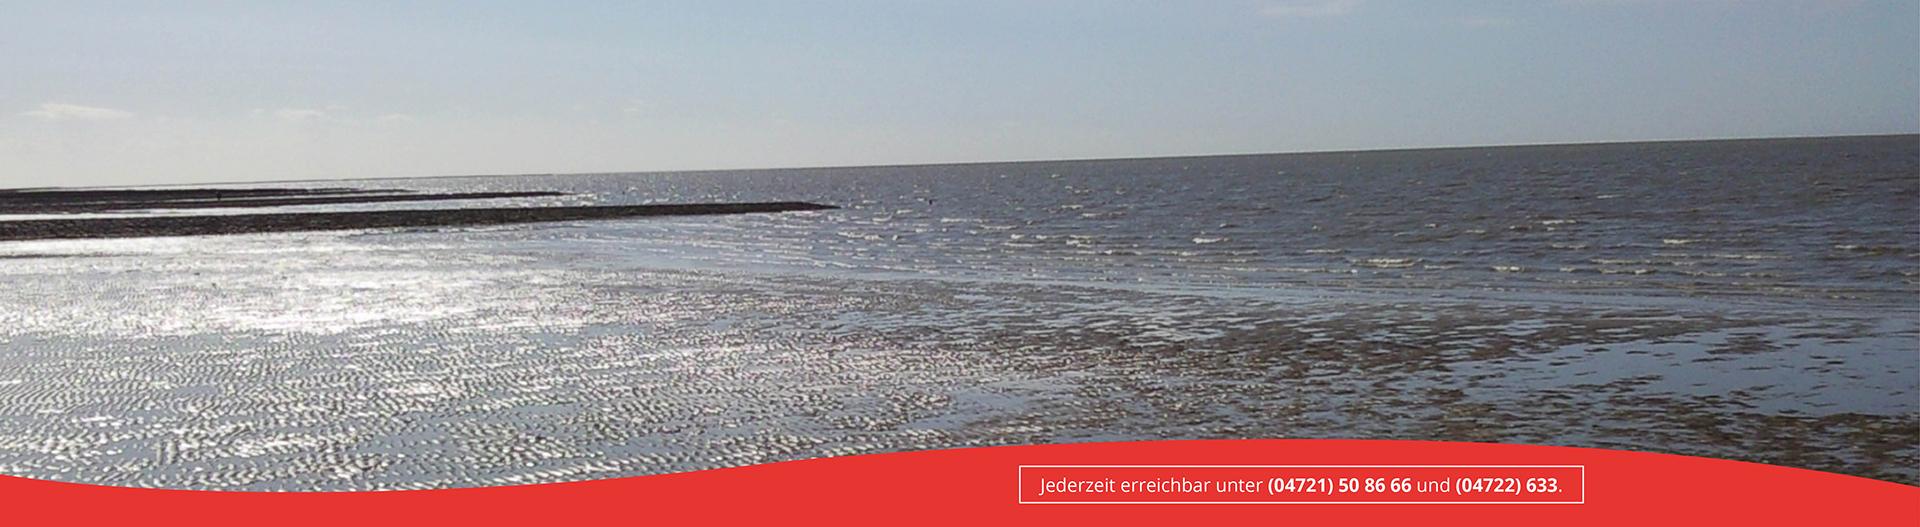 Schulz Bestattungen Cuxhaven